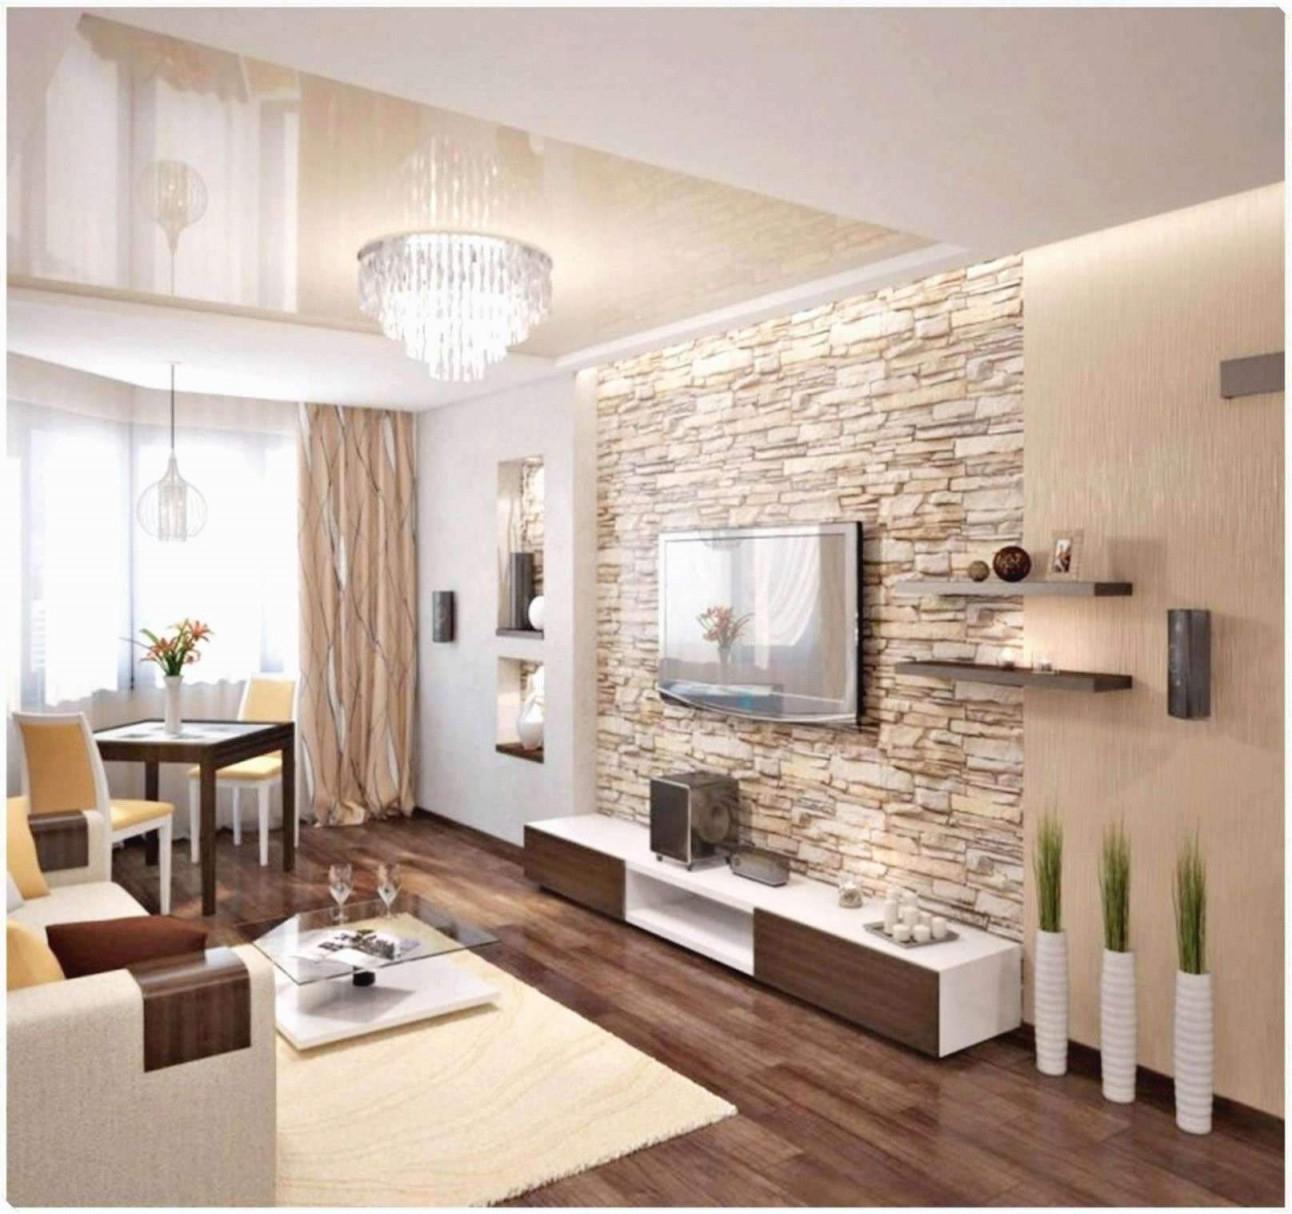 27 Schön Wohnzimmer Neu Gestalten Vorher Nachher Reizend von Wohnzimmer Neu Gestalten Bild